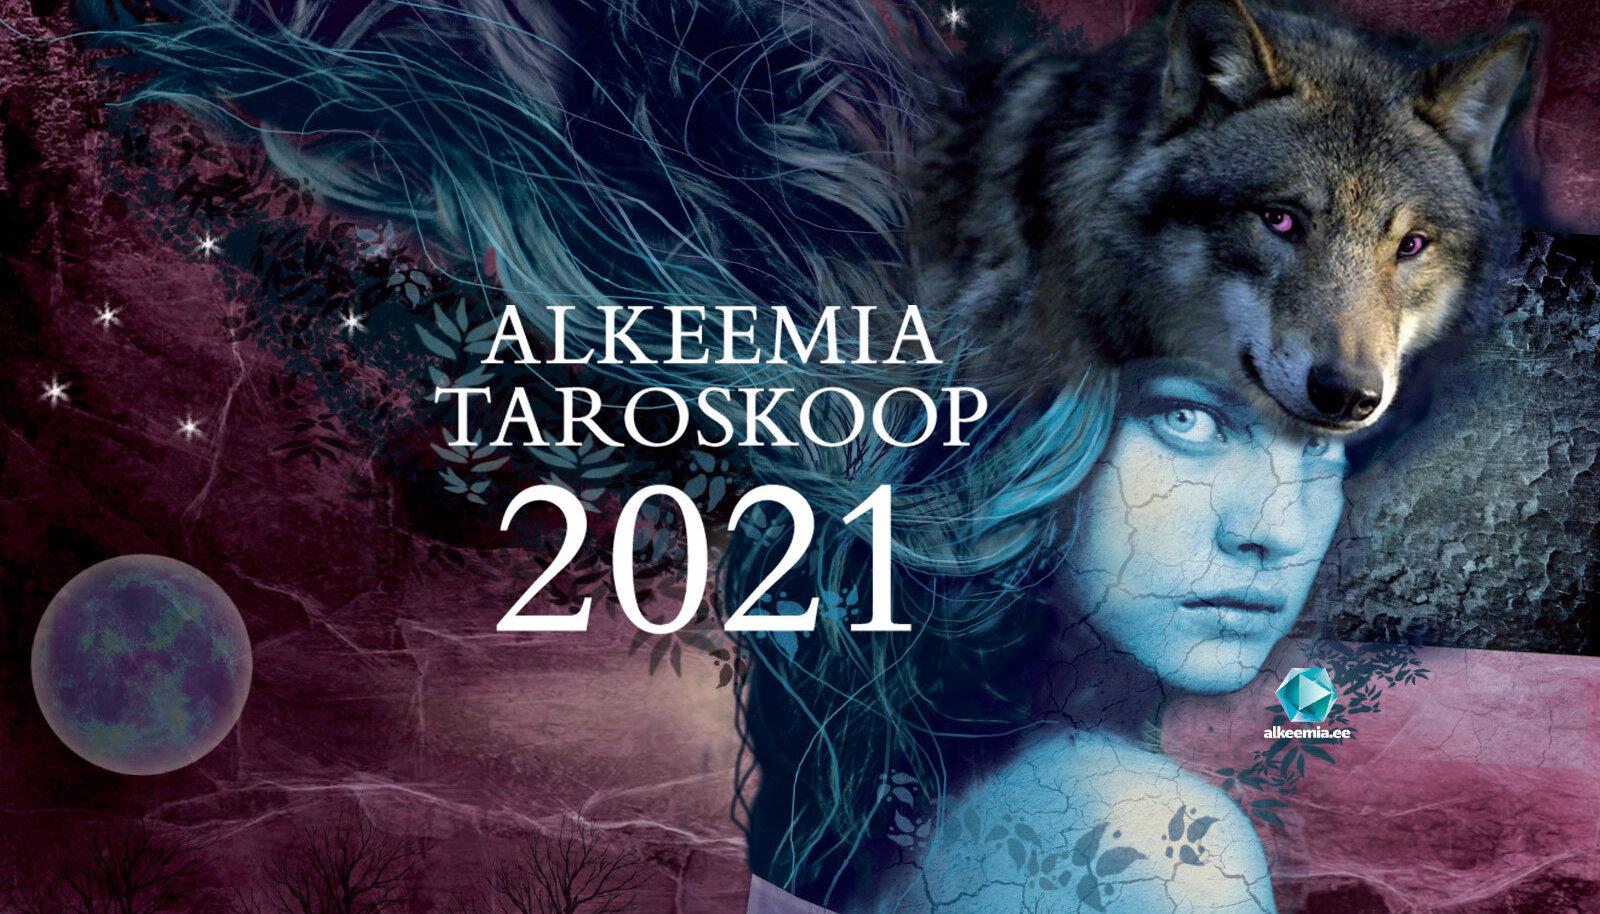 Lugejate soovil ilmub Alkeemia taroskoop 2021 suur aasta ülevaade esmakordselt ka paberkandjal.